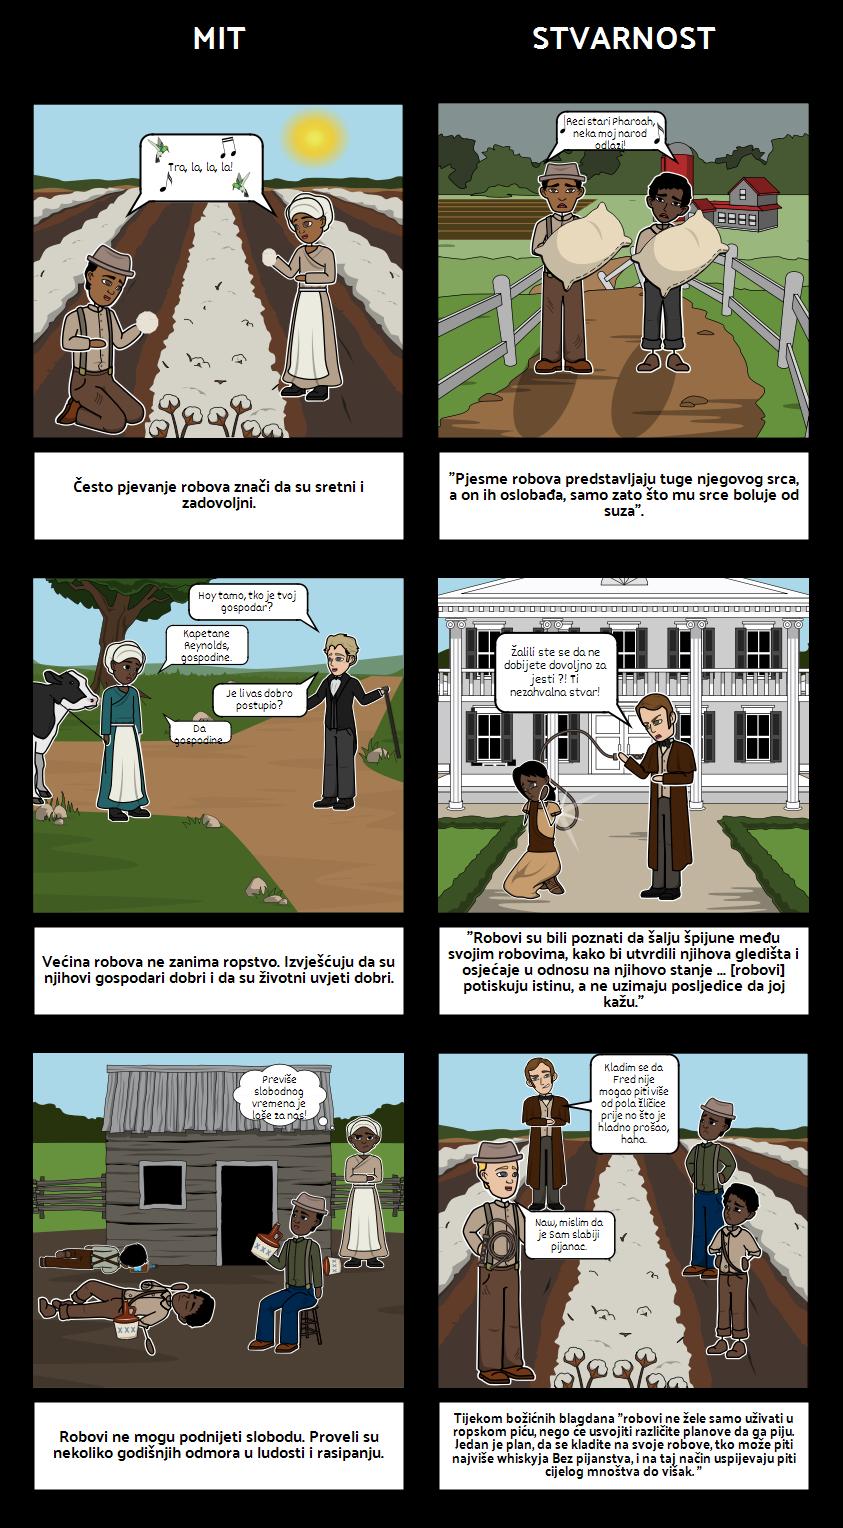 Priča o Životu Mitologije Frederick Douglass